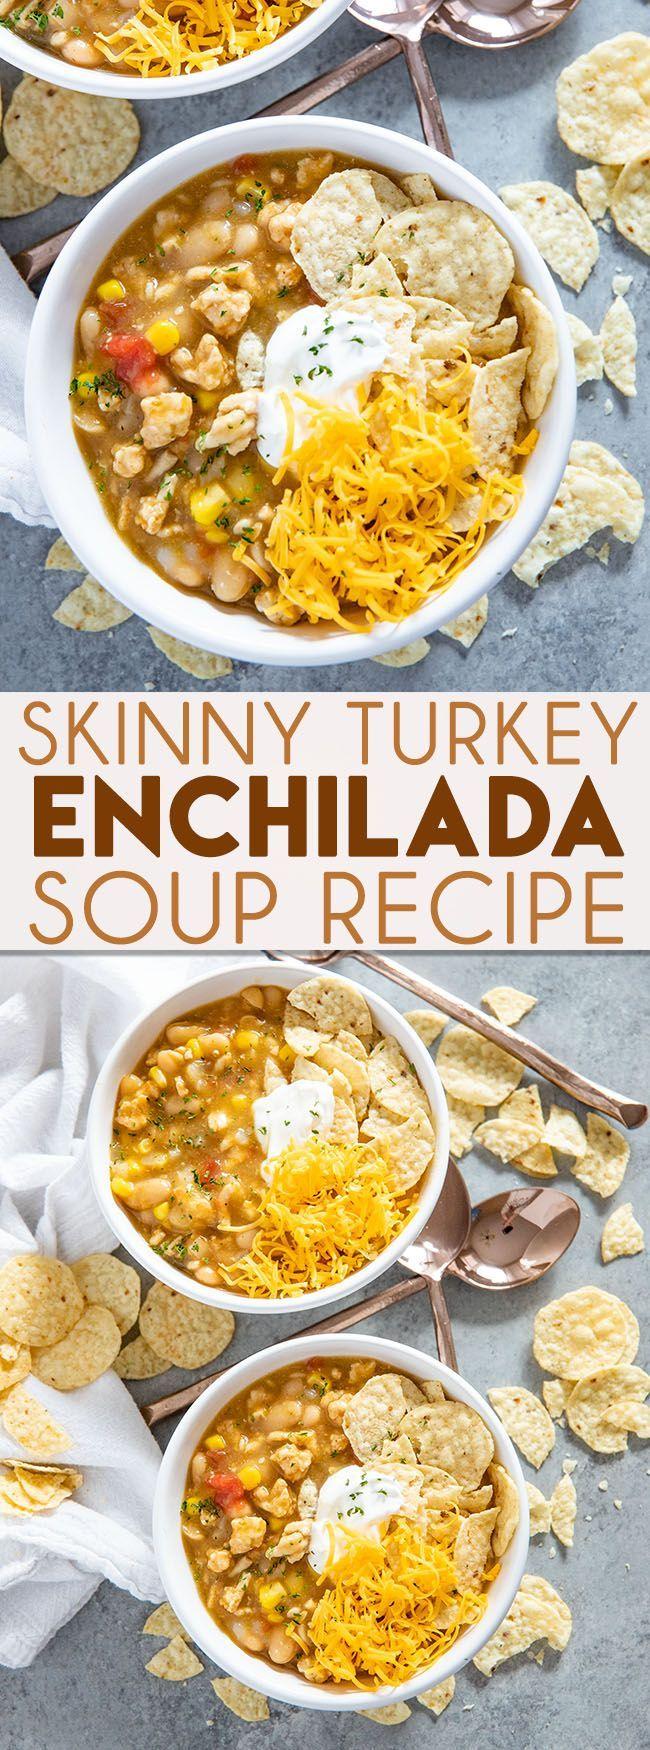 Photo of Skinny Turkey Enchilada Soup